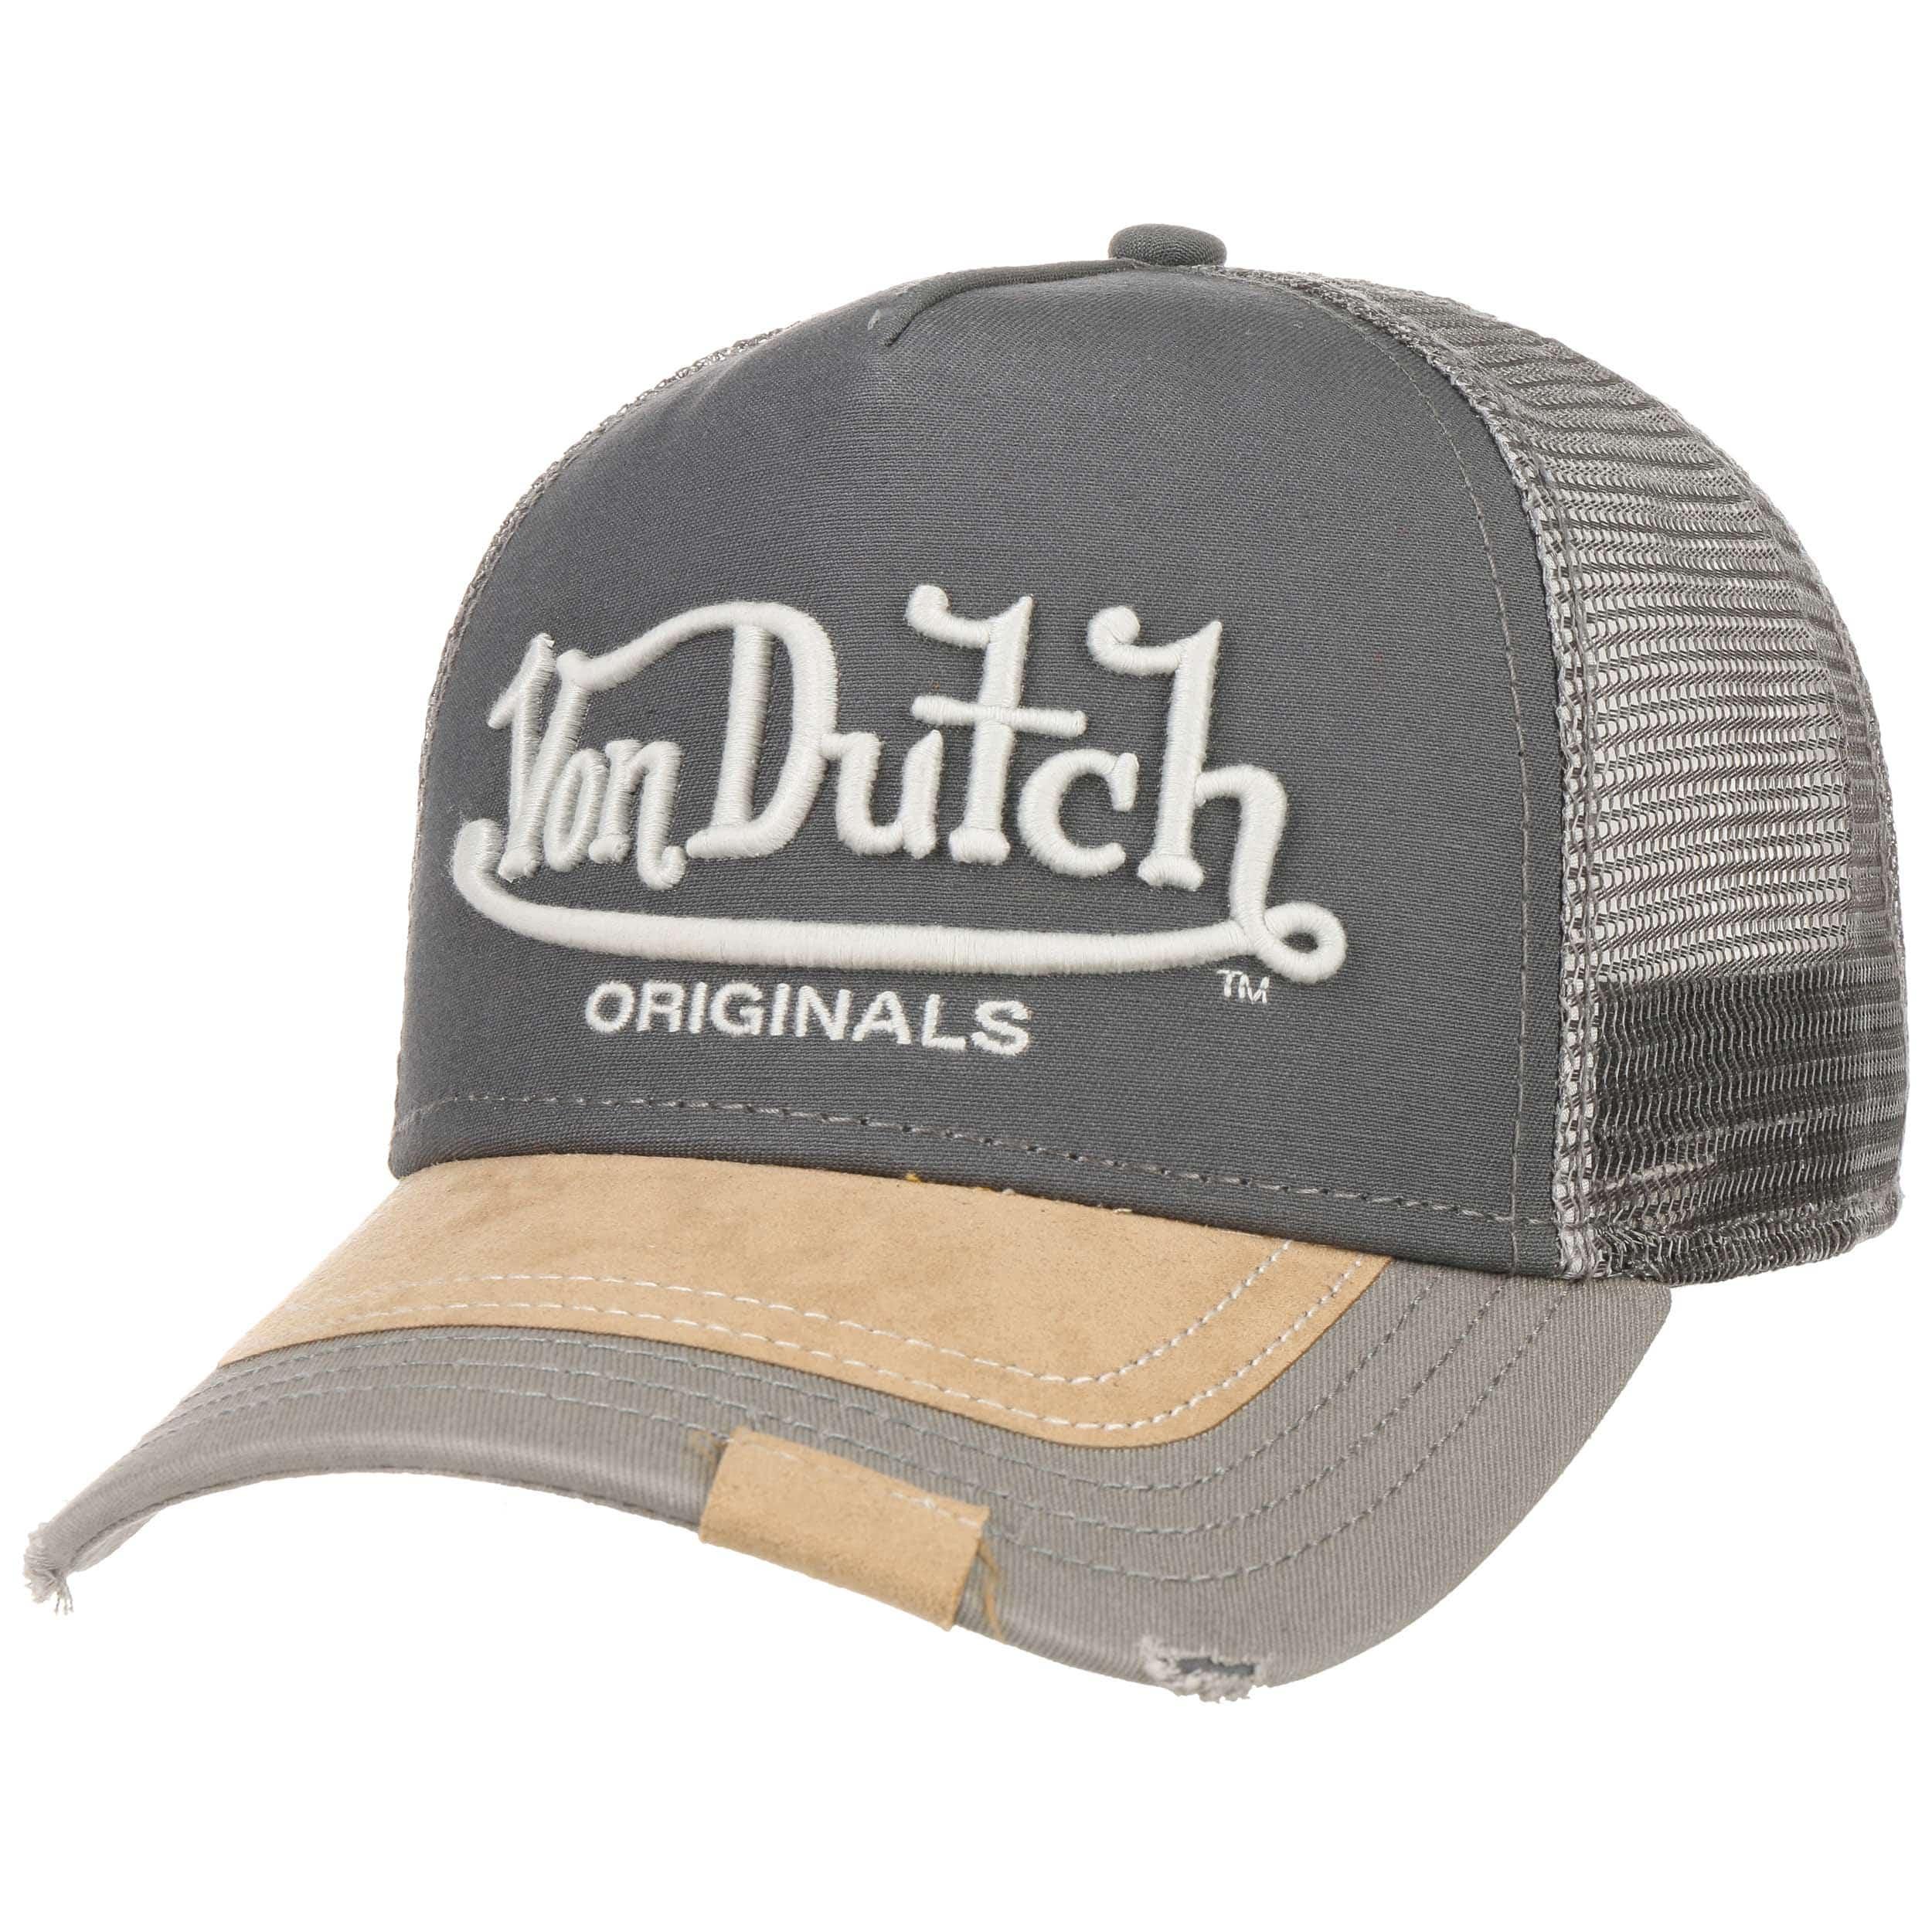 5ce2c9961d869 ... Premium Logo Trucker Cap by Von Dutch - grey 6 ...